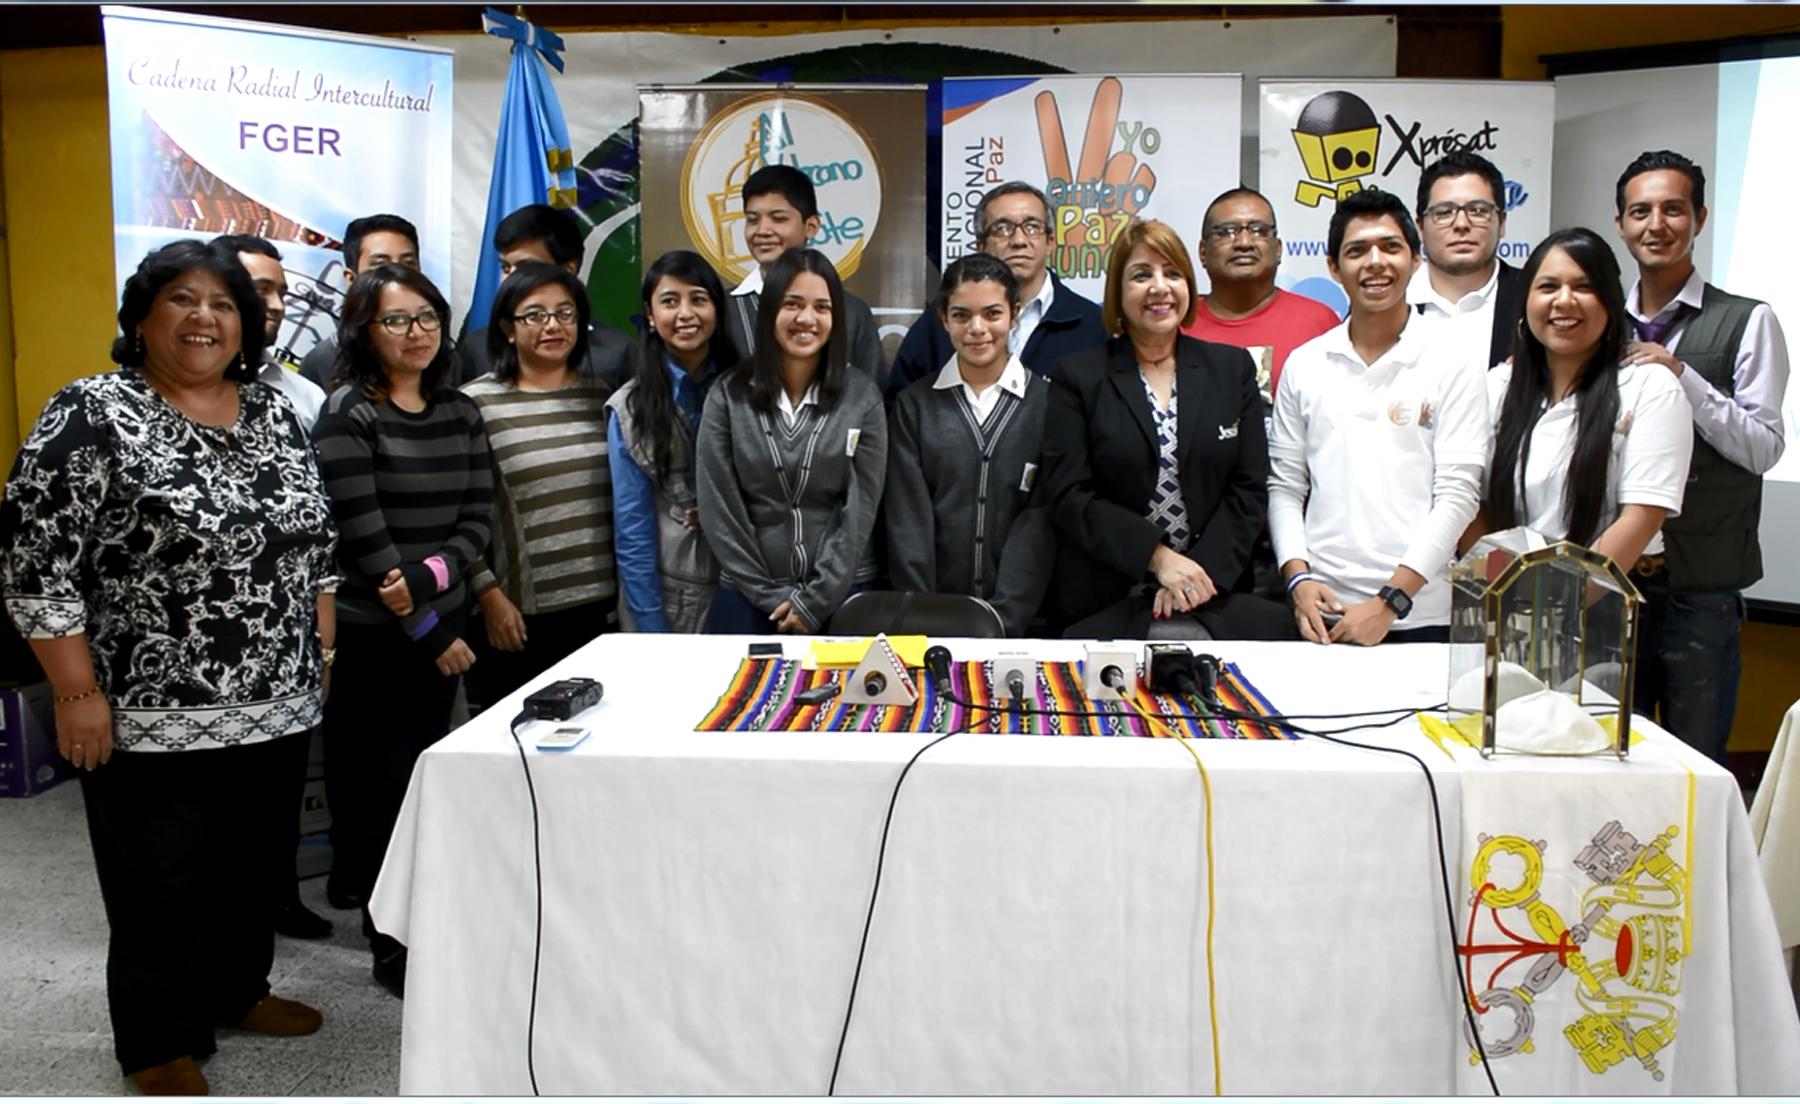 III Jornada de Oración por la Paz, los Mártires y los Refugiados, se realizará en Sonsonate, El Salvador